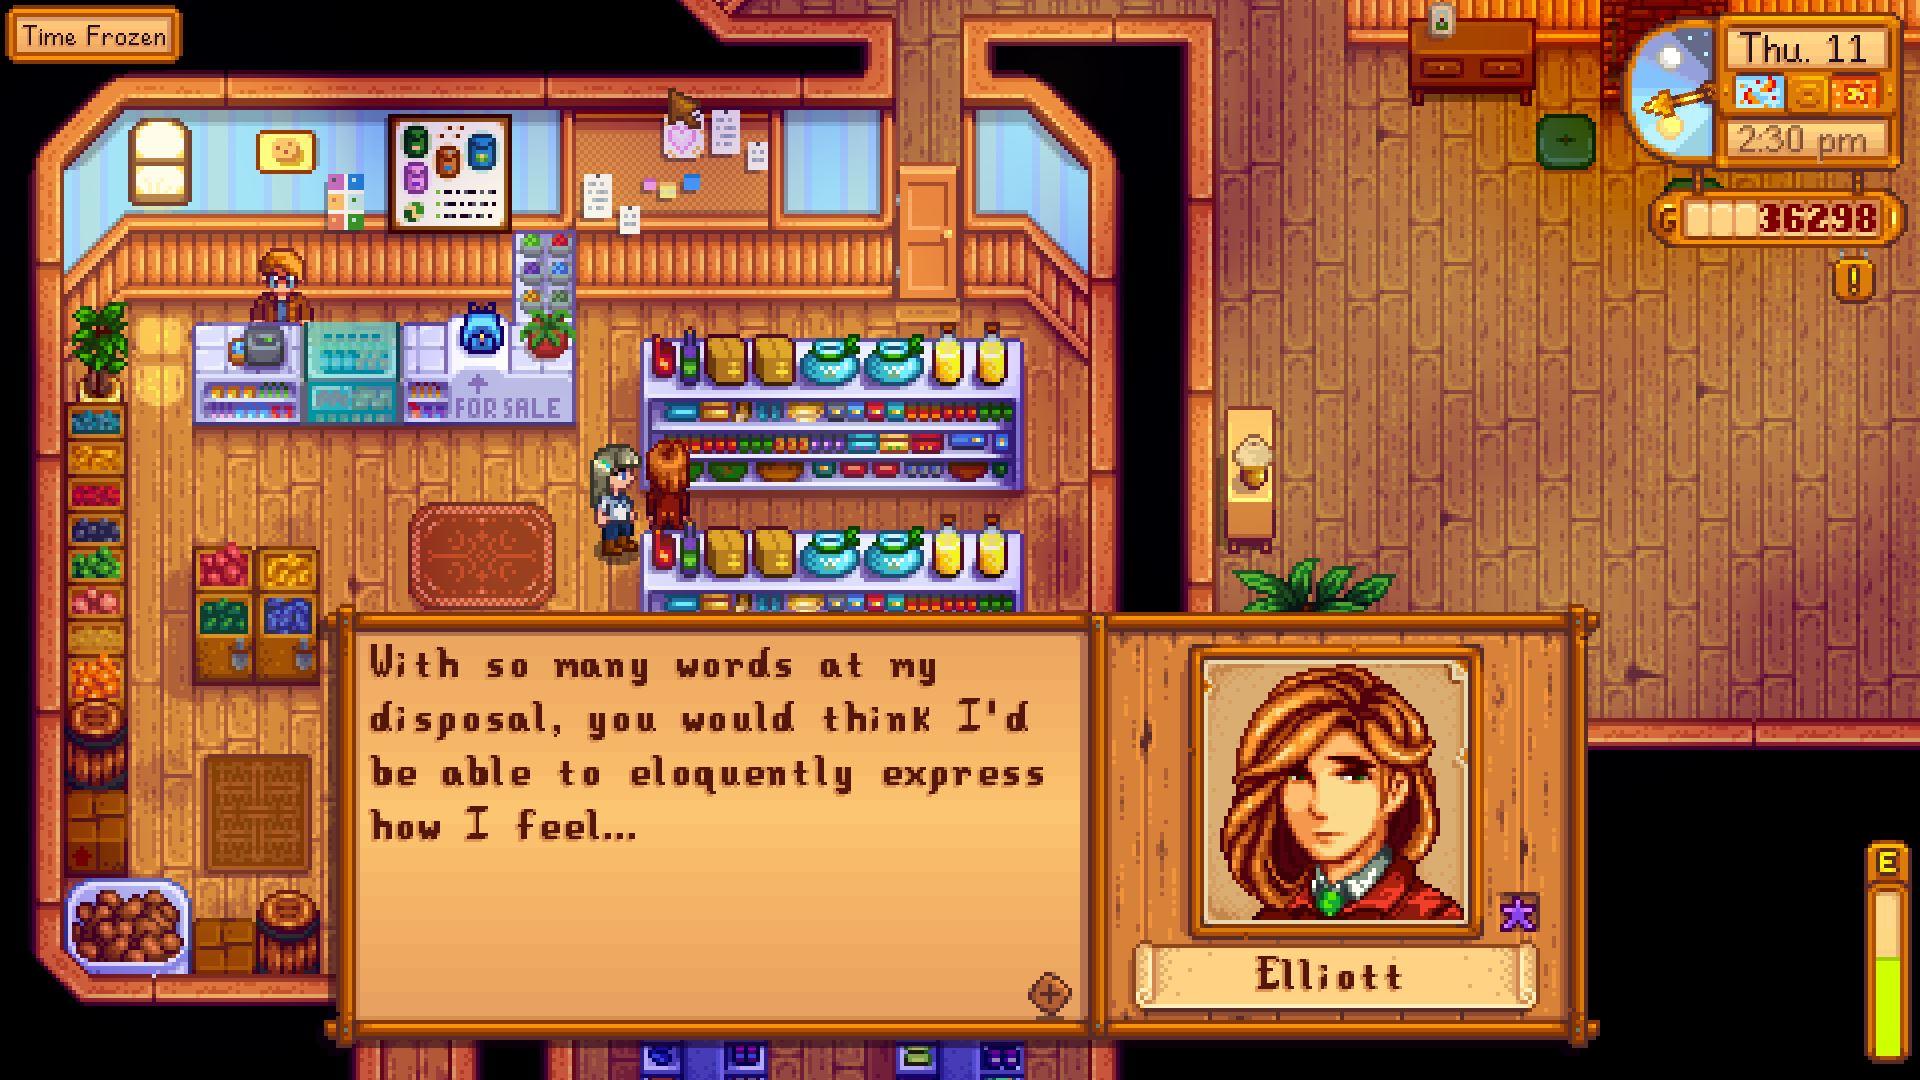 elliott_example.JPG